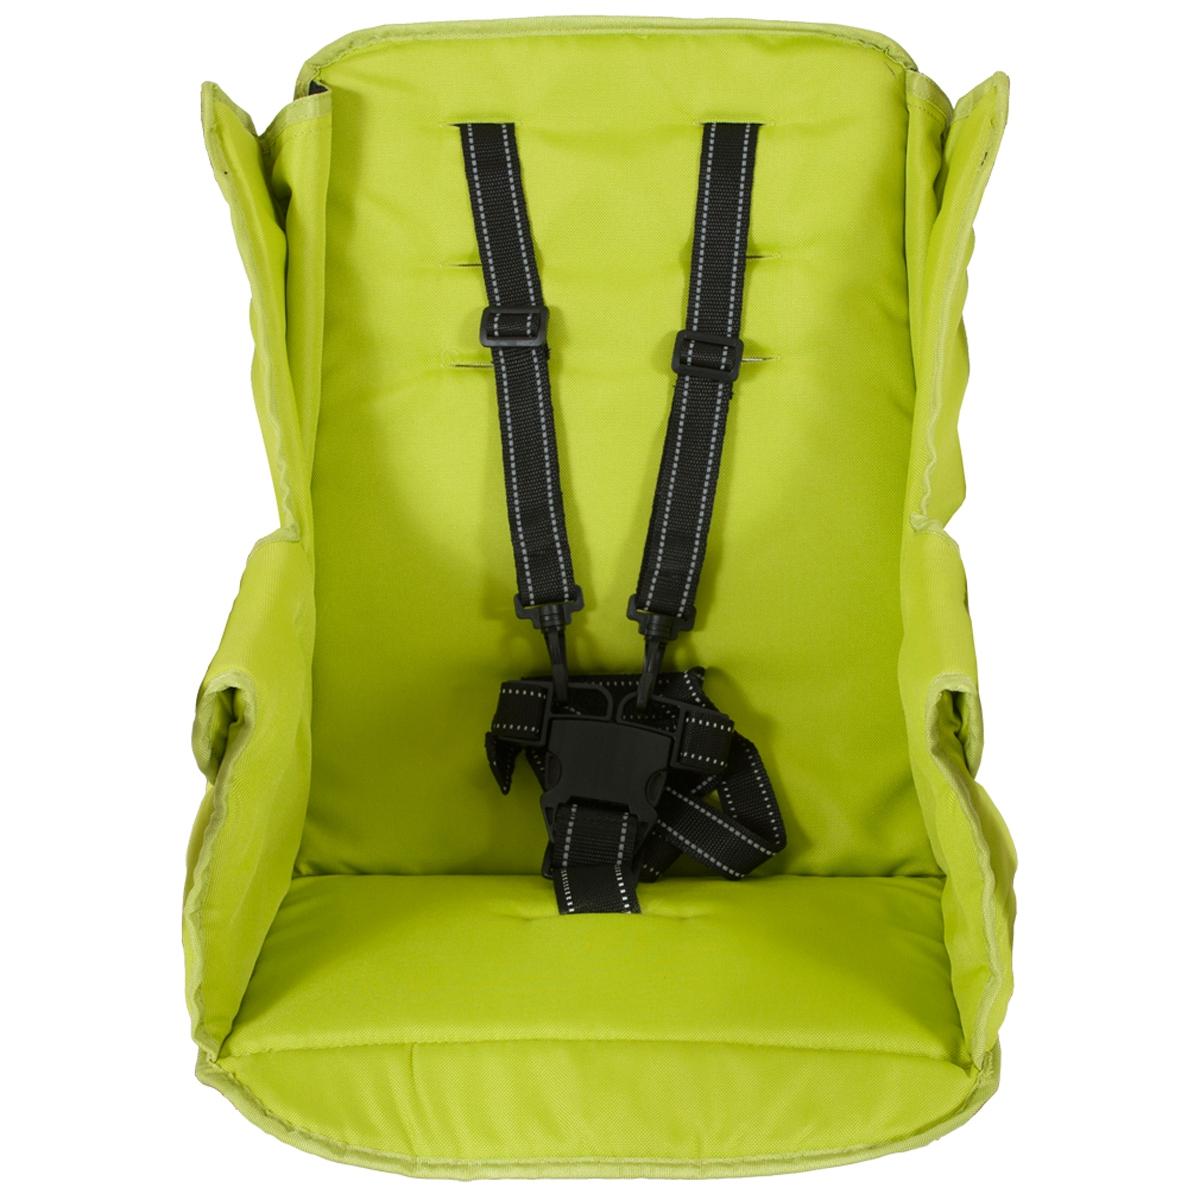 Второе сидение Joovy Caboose Too Seat для колясок Caboose, Caboose Ultralight и Big Caboose Зеленое<br>